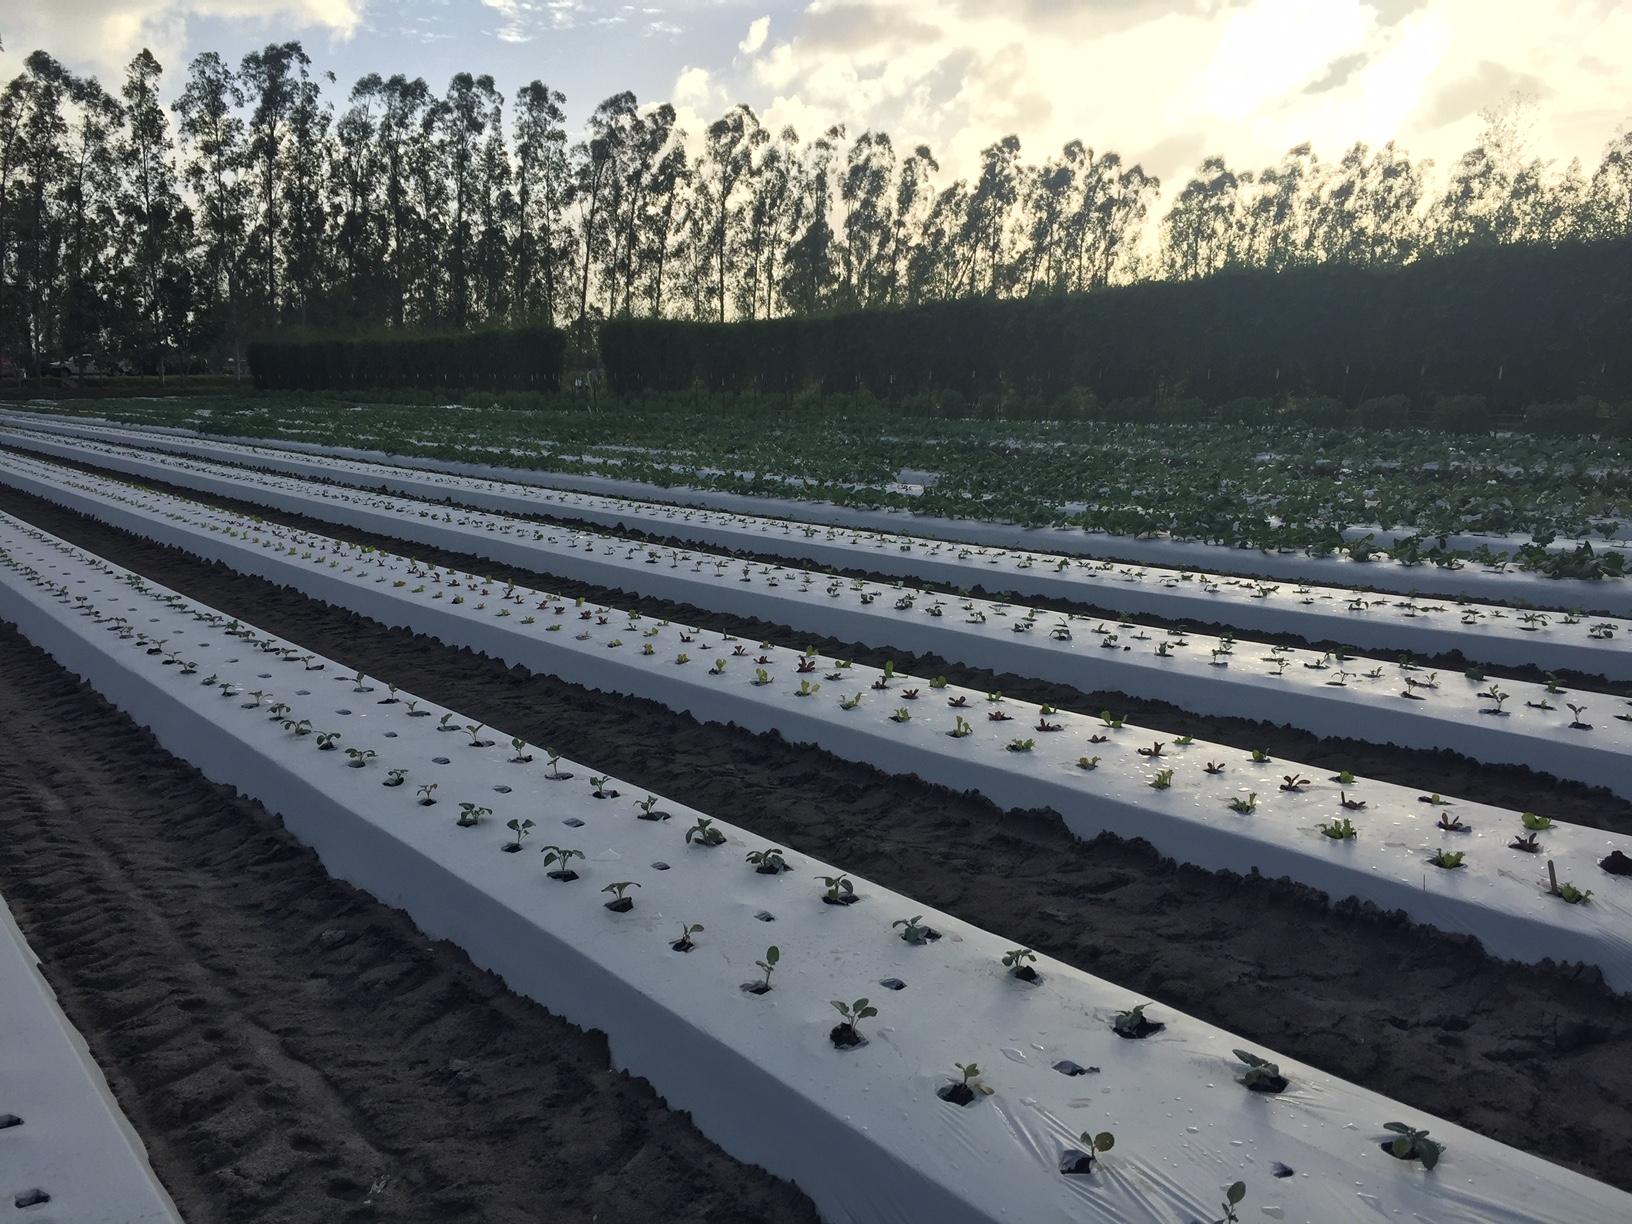 Kai Kai Farms, planting beds